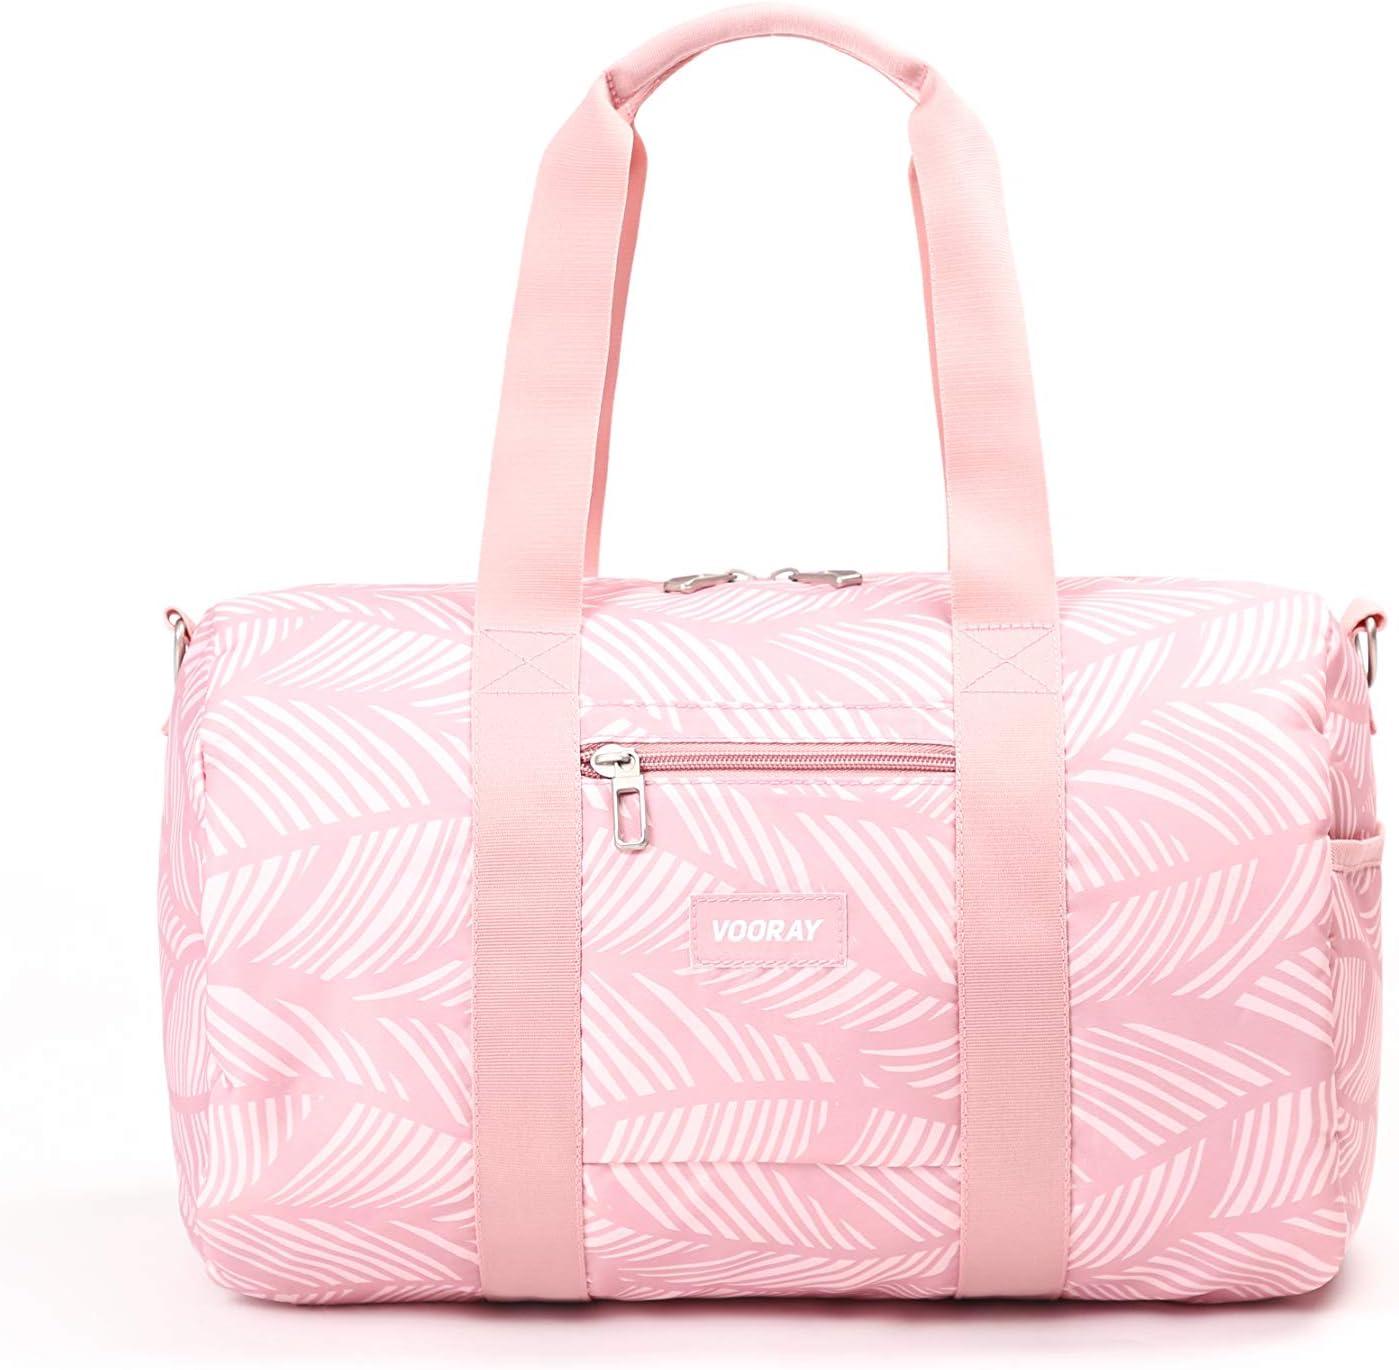 Vooray Roadie 16 Small Gym Duffle Bag